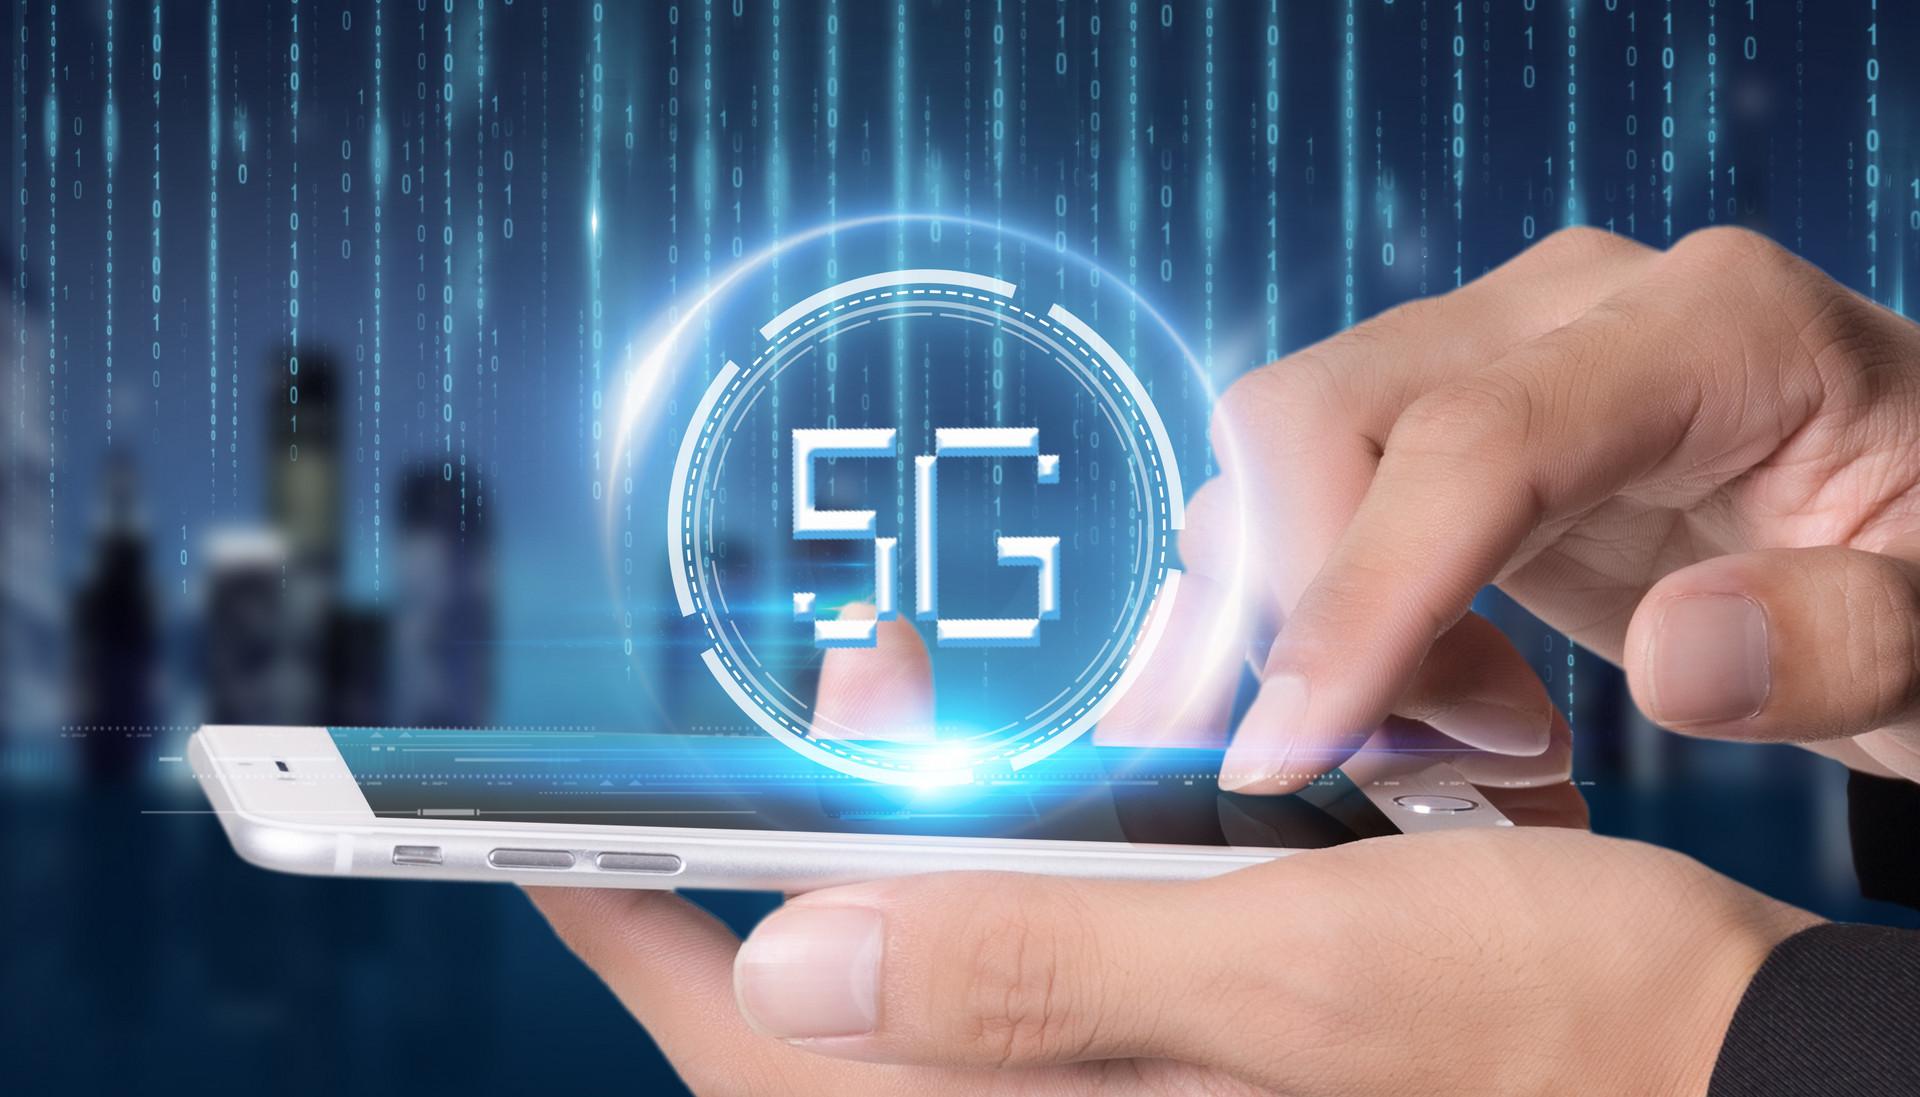 陈肇雄:中国成为引领全球5G发展重要力量